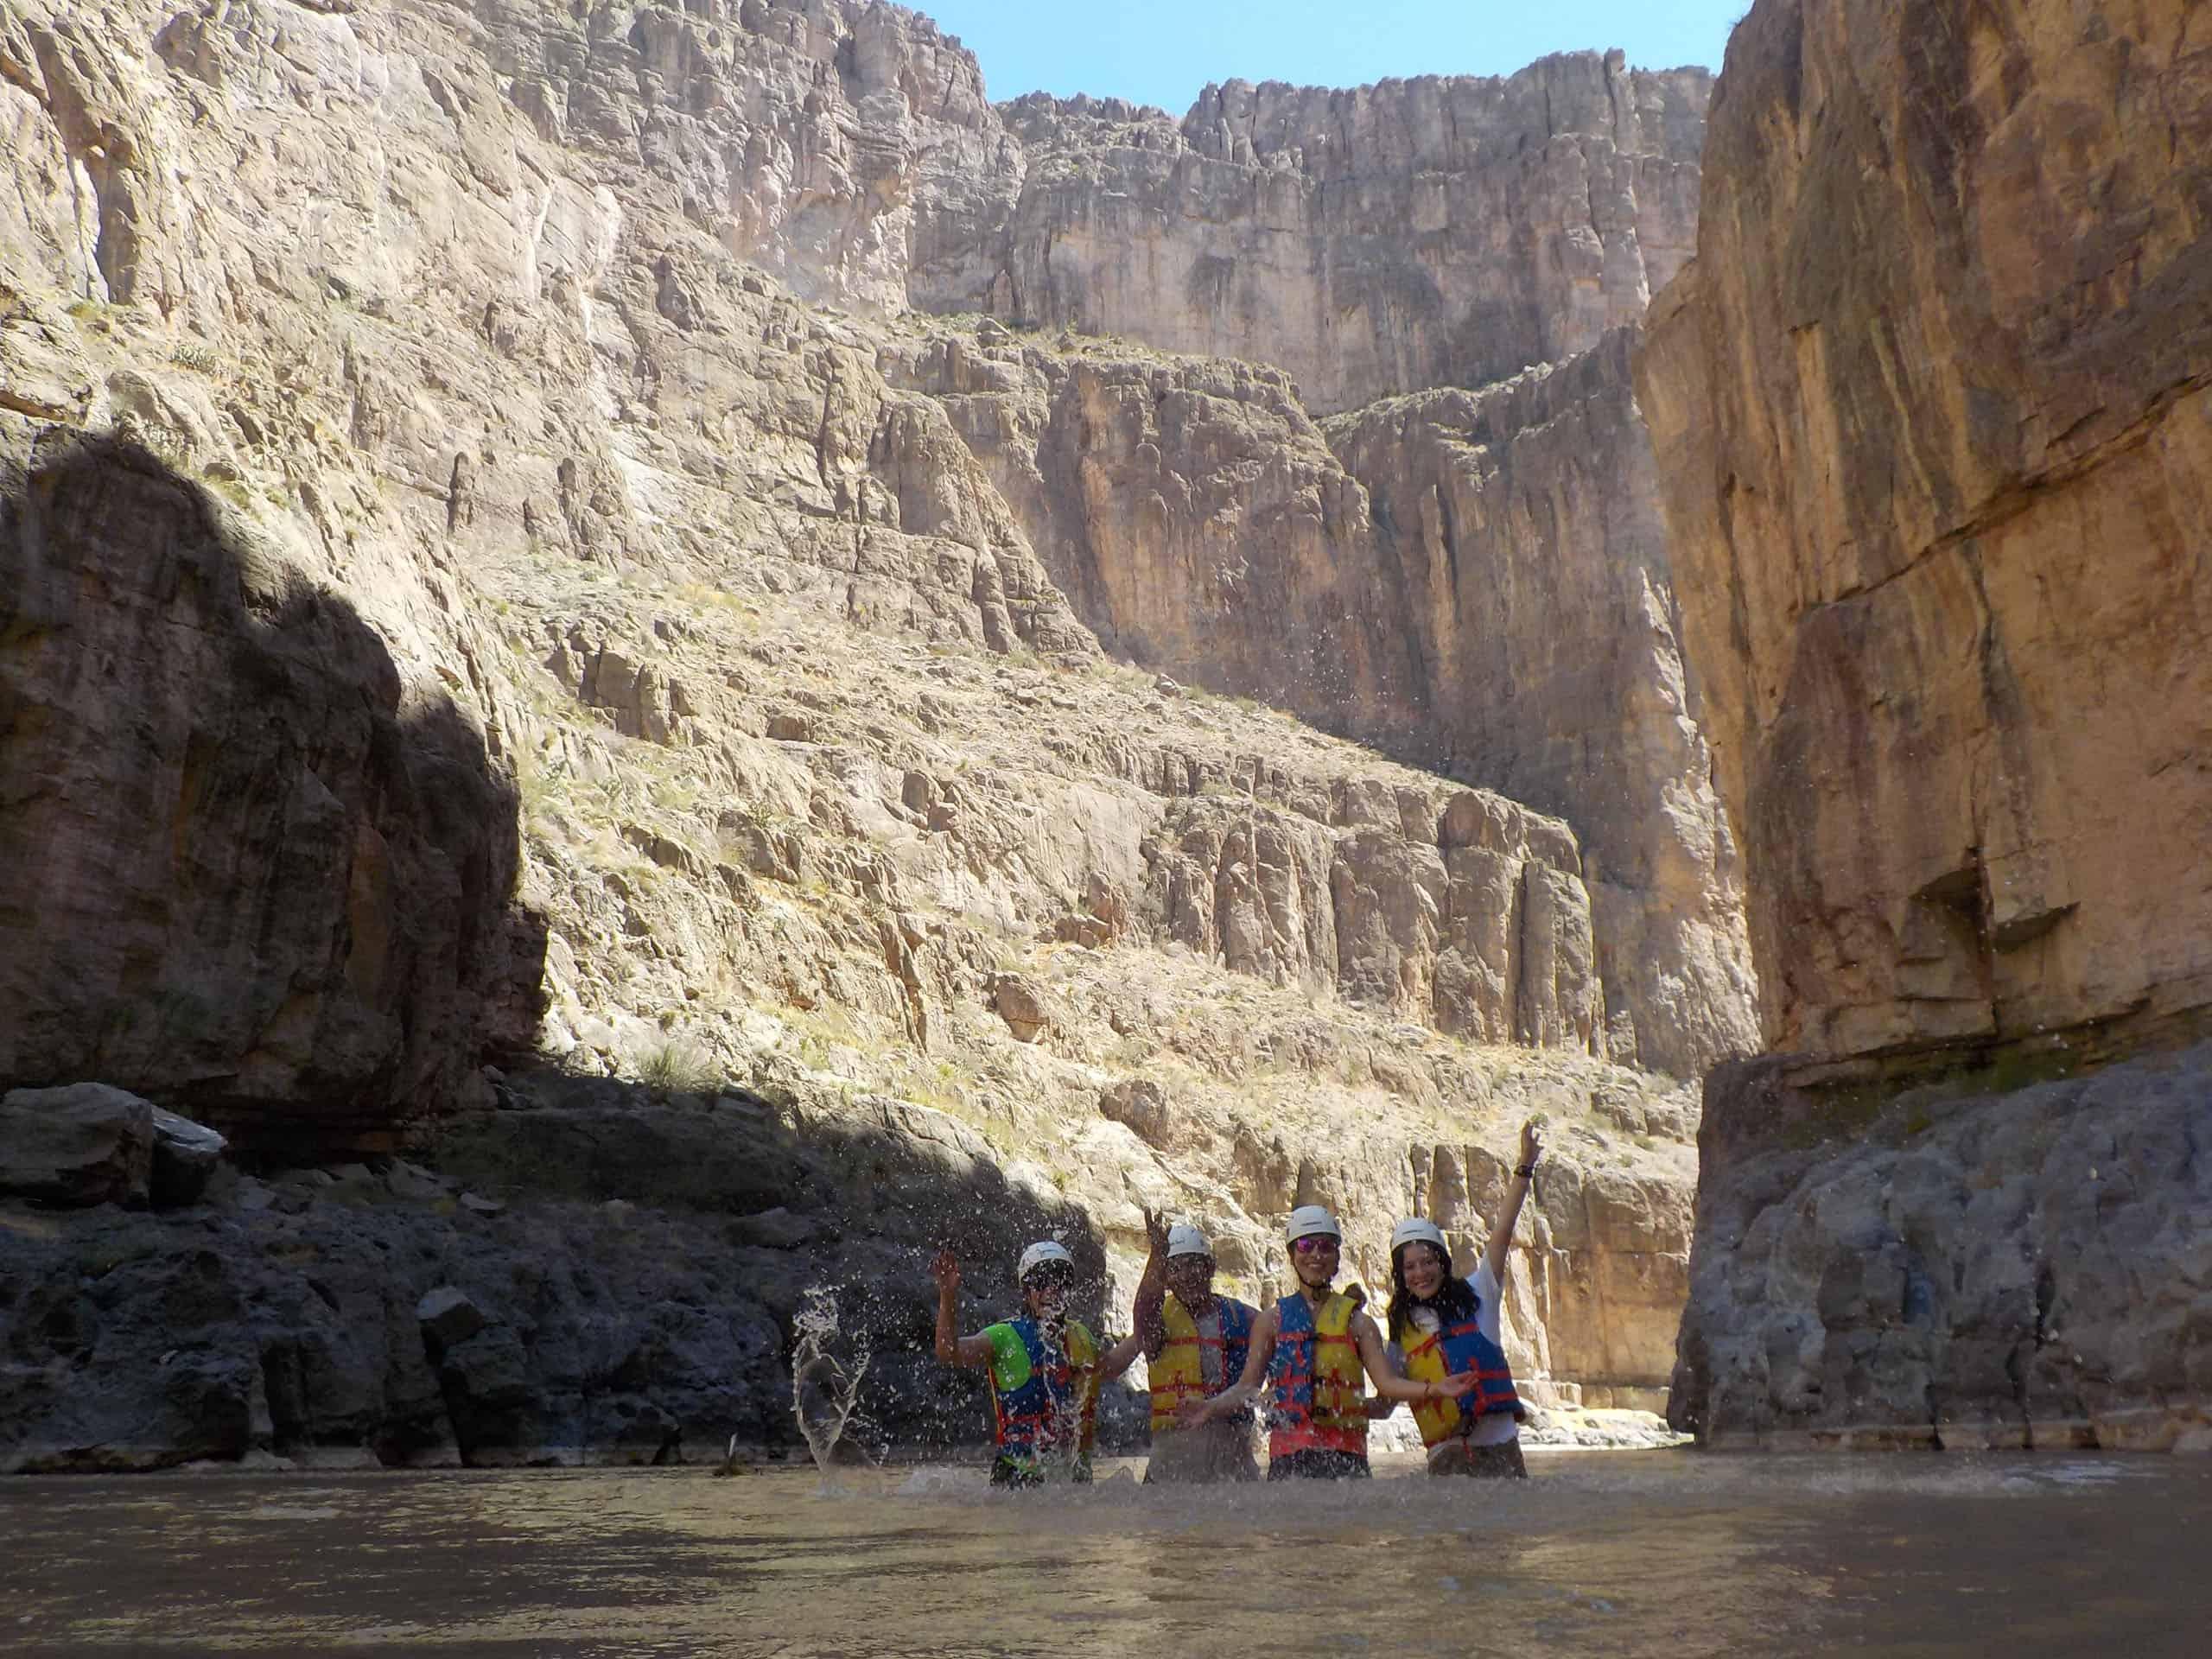 Cañon del Pegüis. Foto: Chihuahua Barbaro